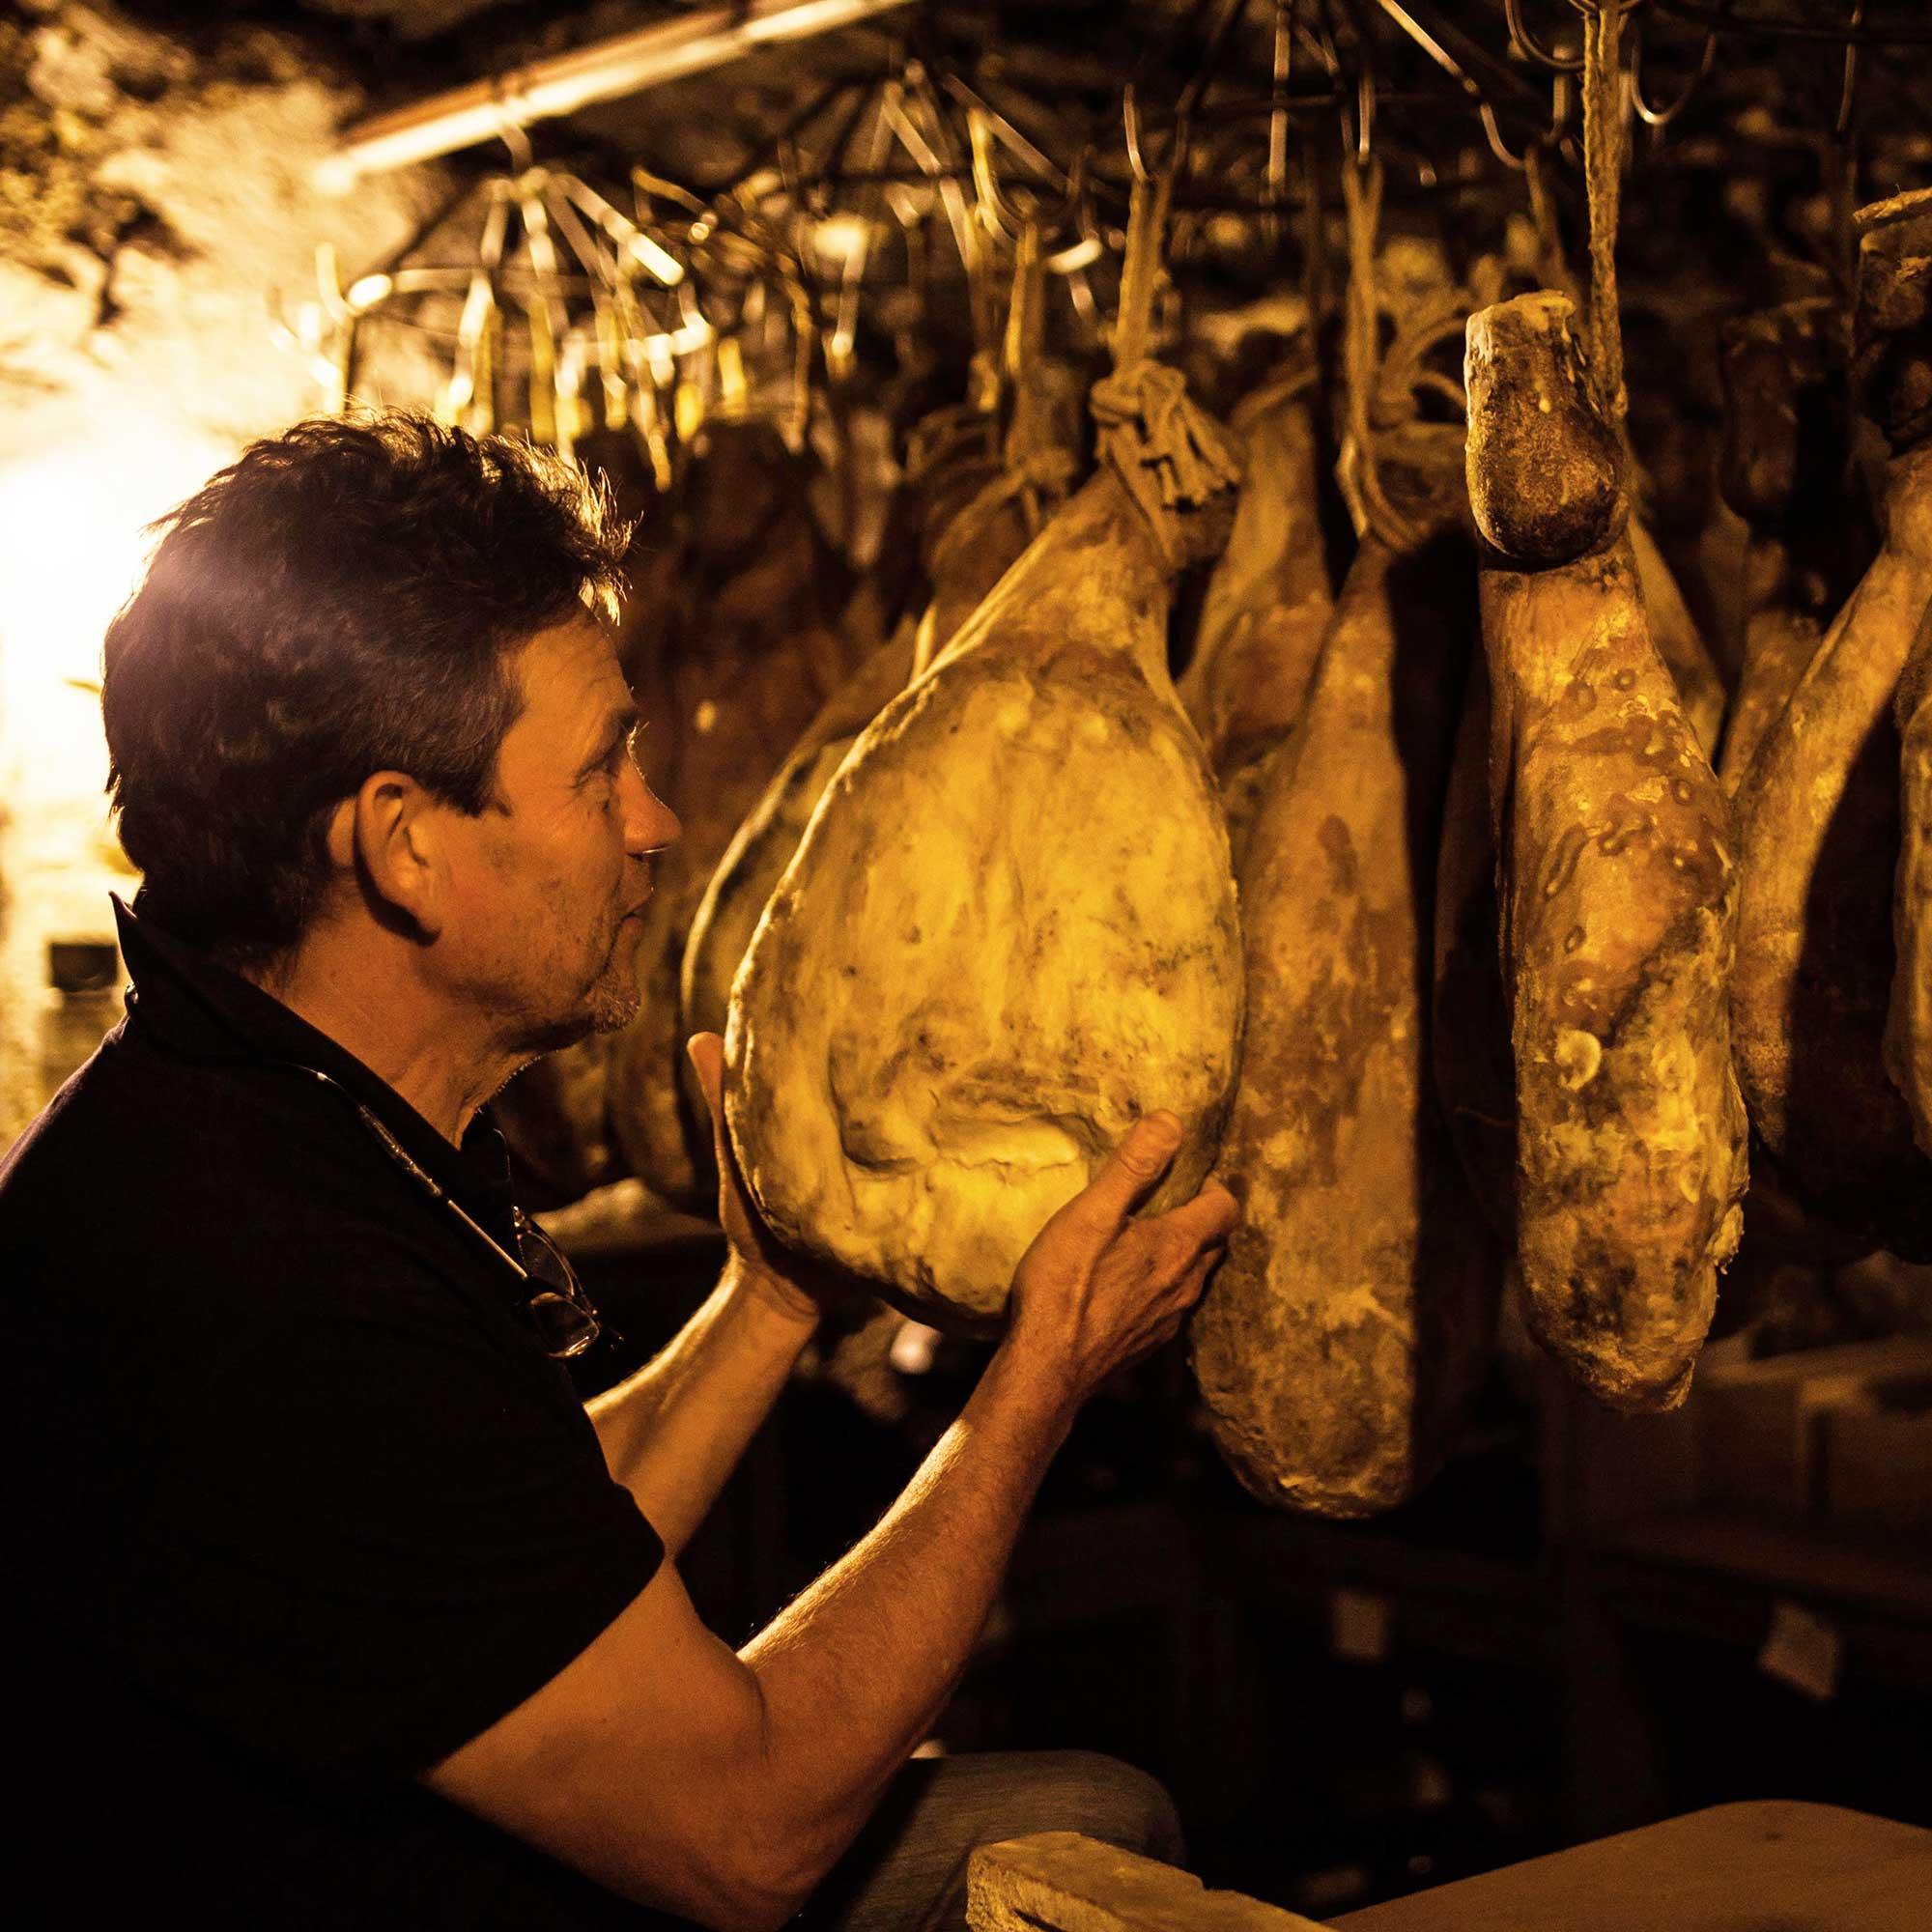 Homme en t-shirt noir dans une cave d'affinage de jambon, il tient un jambon dans les main